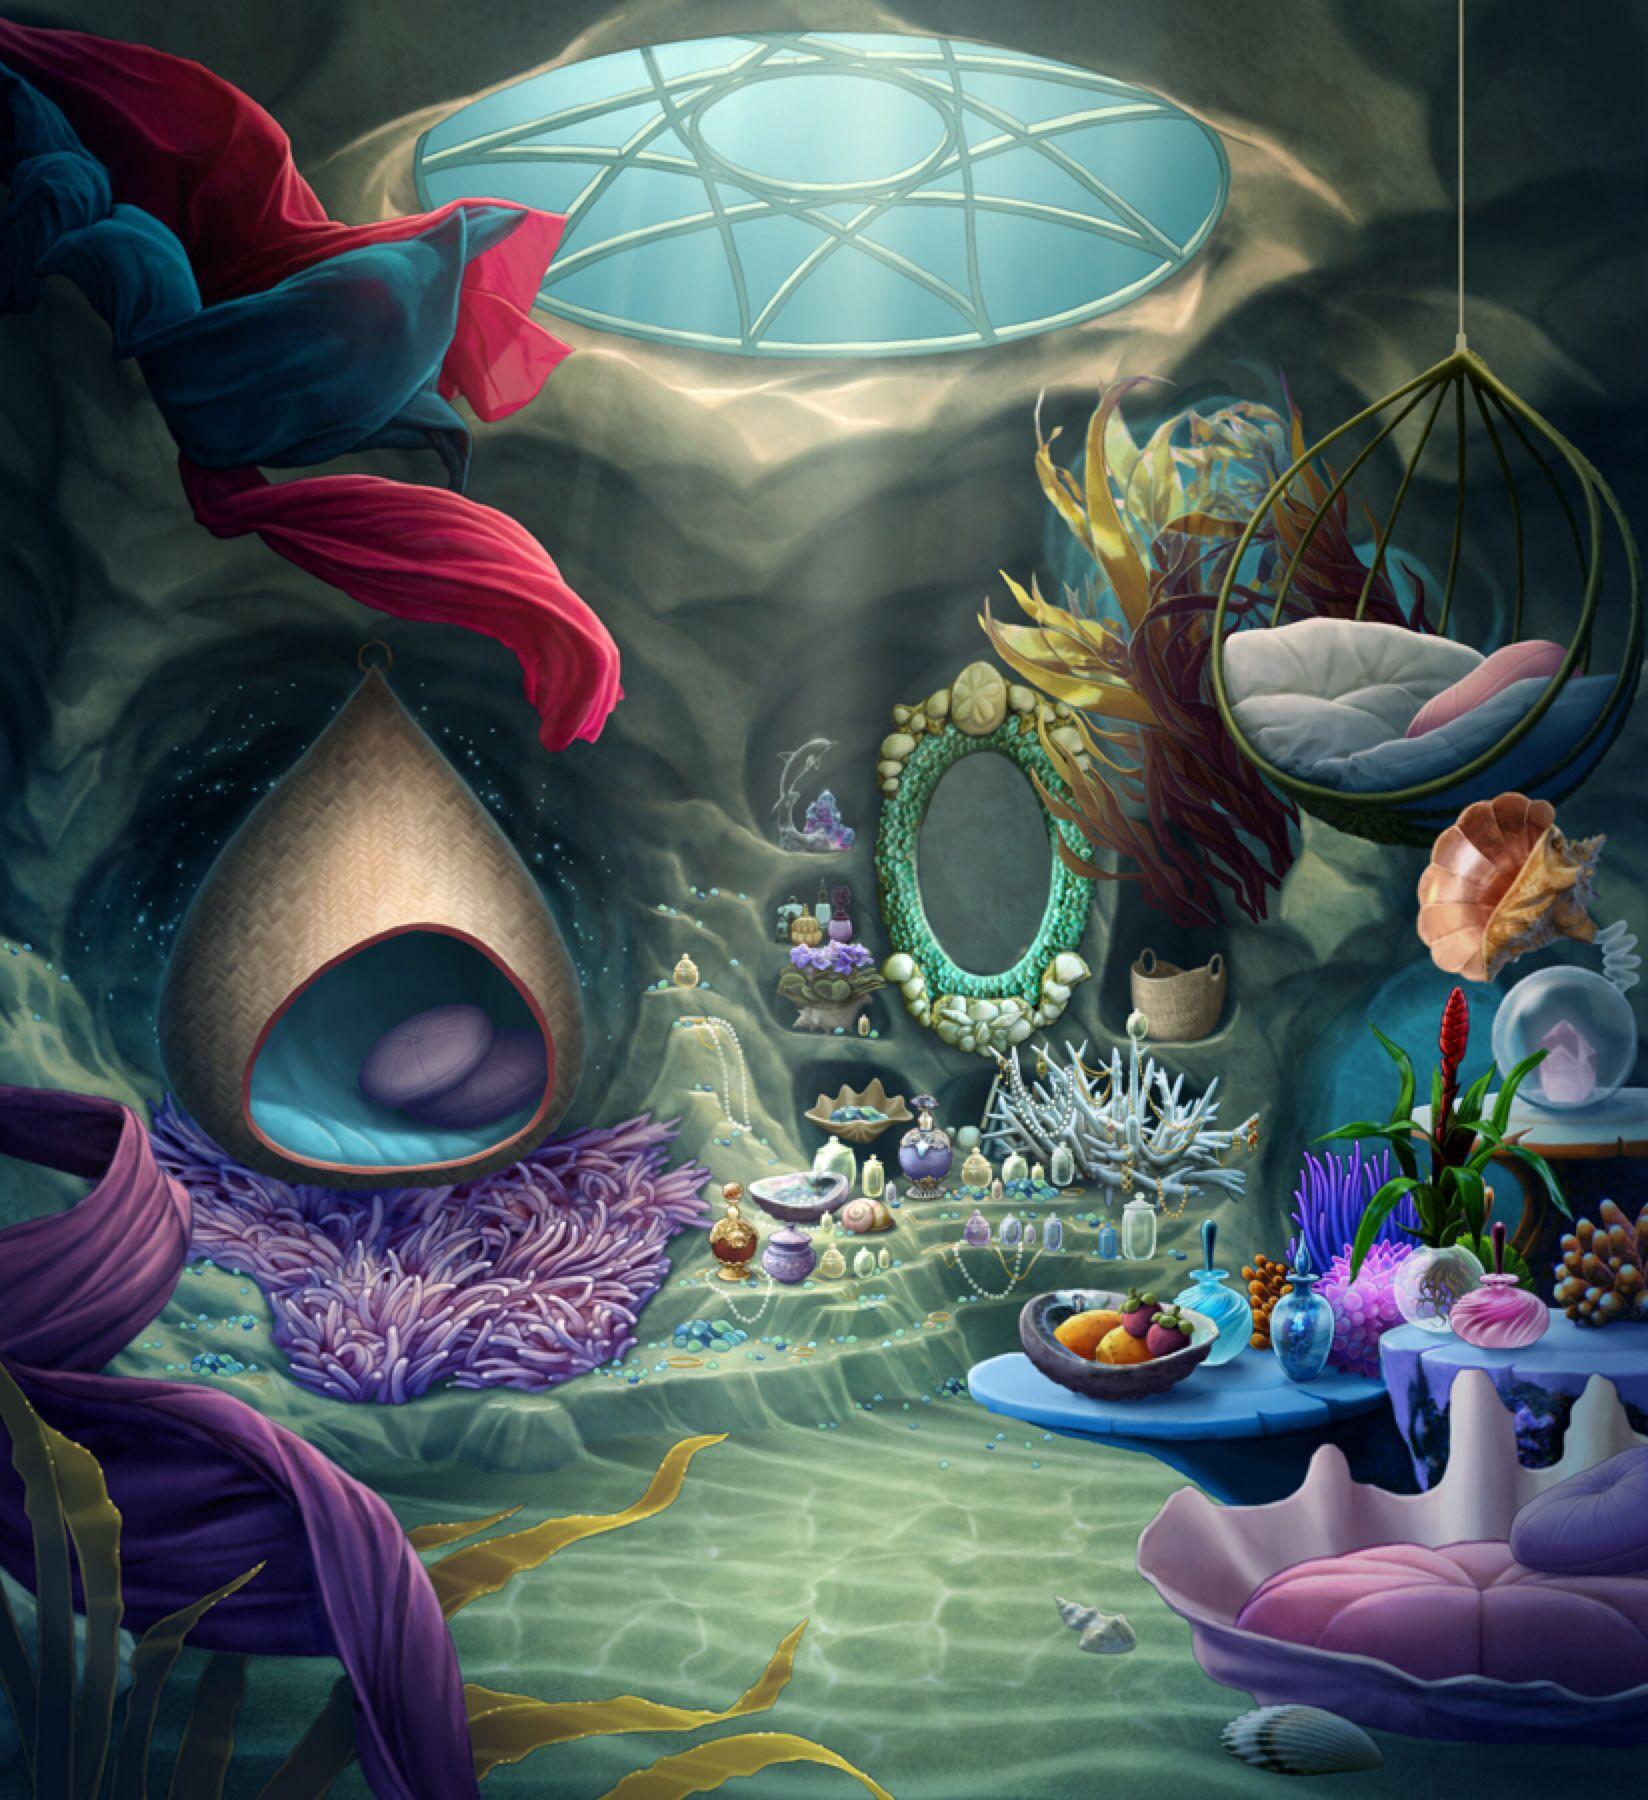 Mermaid Room By Tamiart On Deviantart